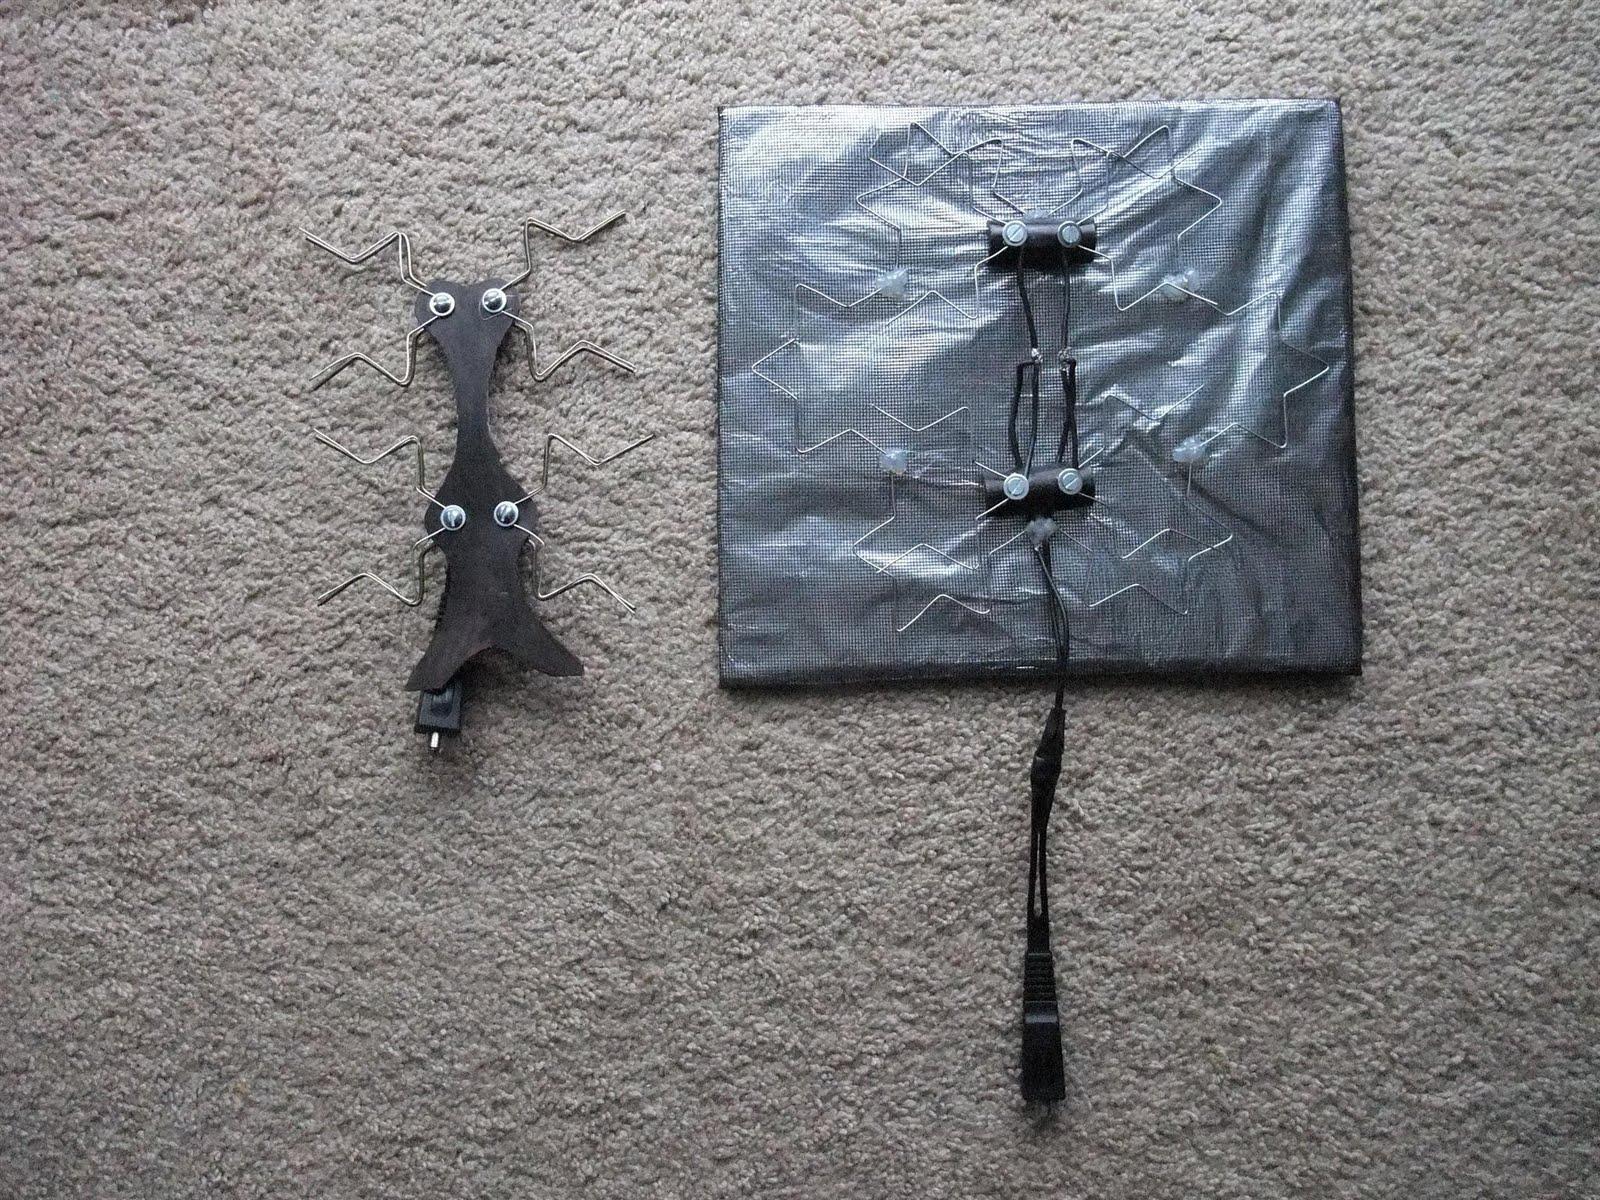 Best Homemade Digital TV Antenna